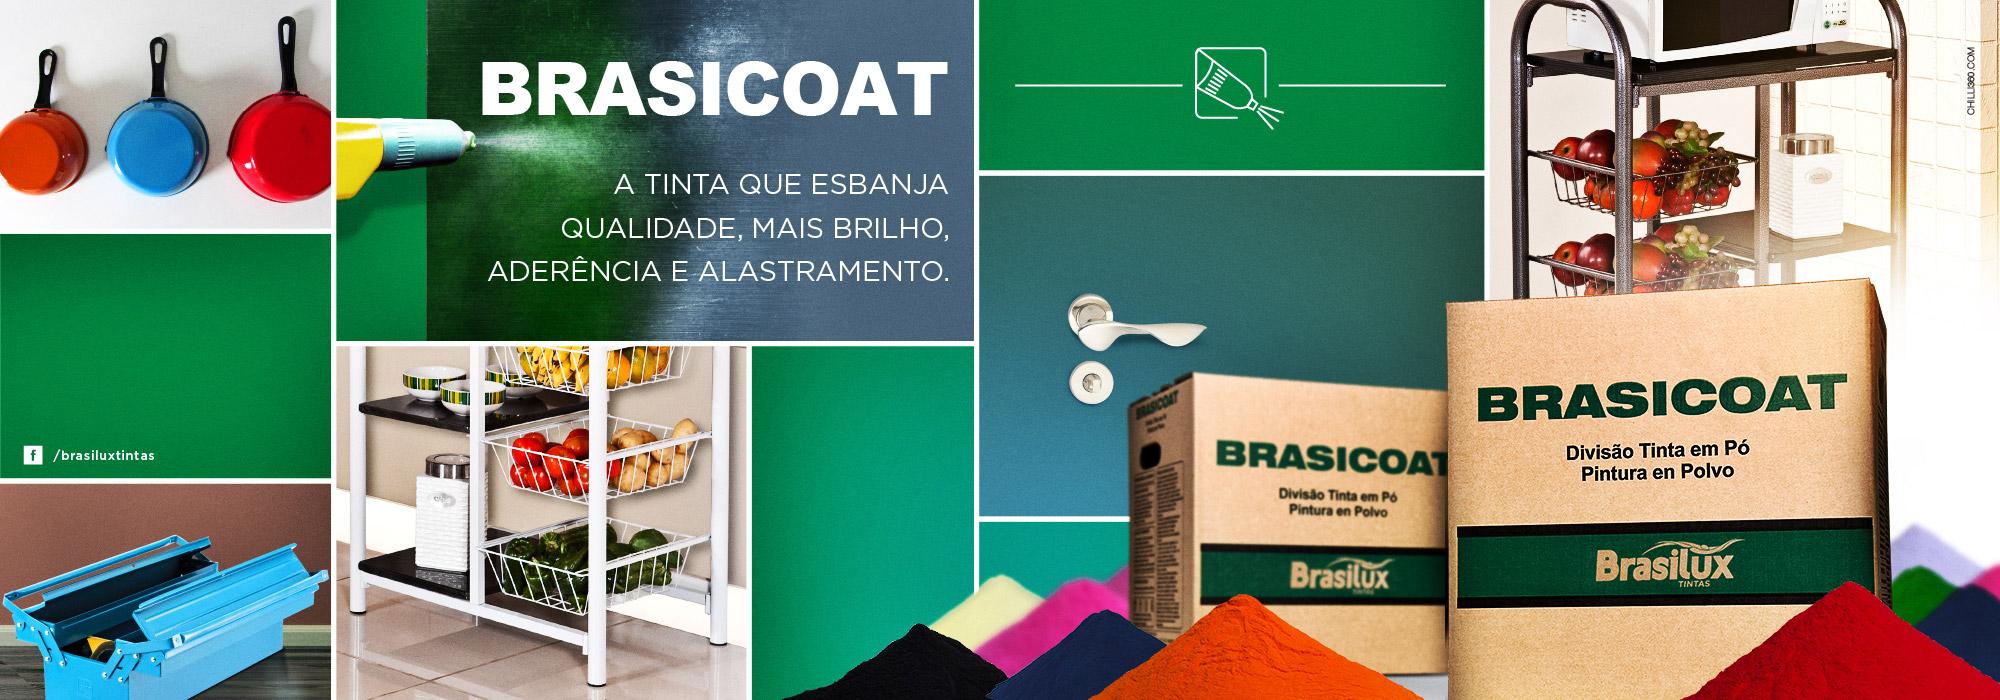 brasicoat